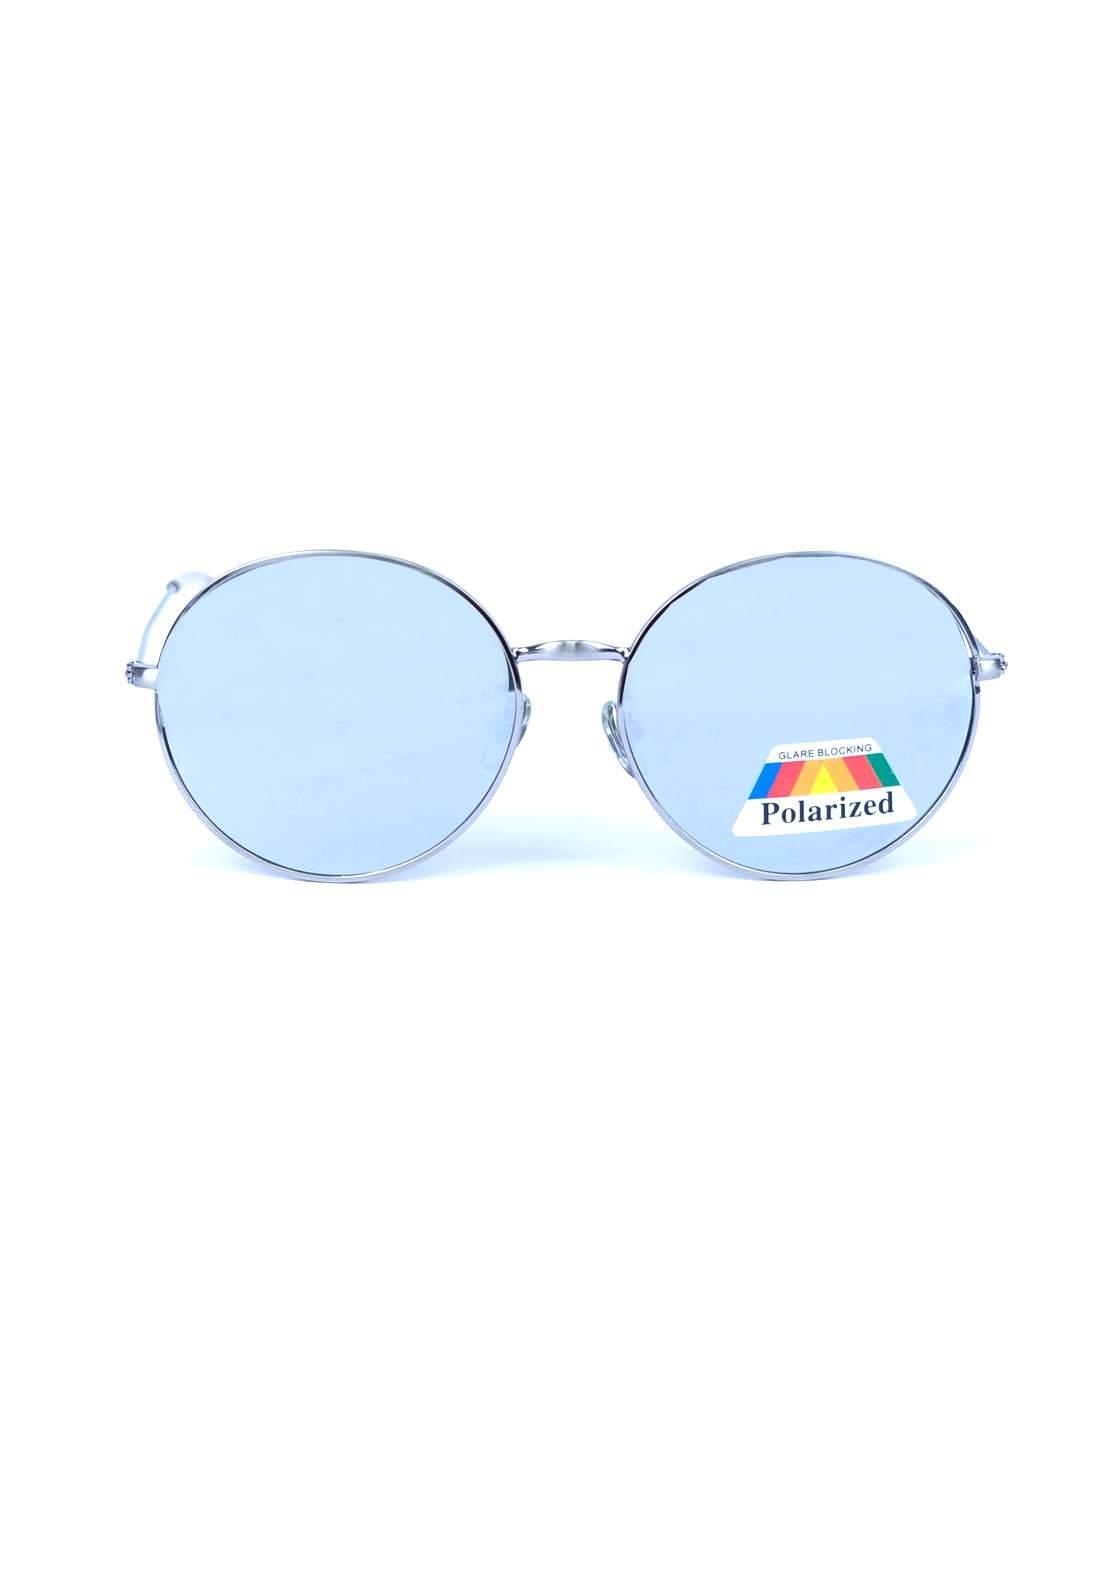 نظارة رجالي بأطار فضي اللون